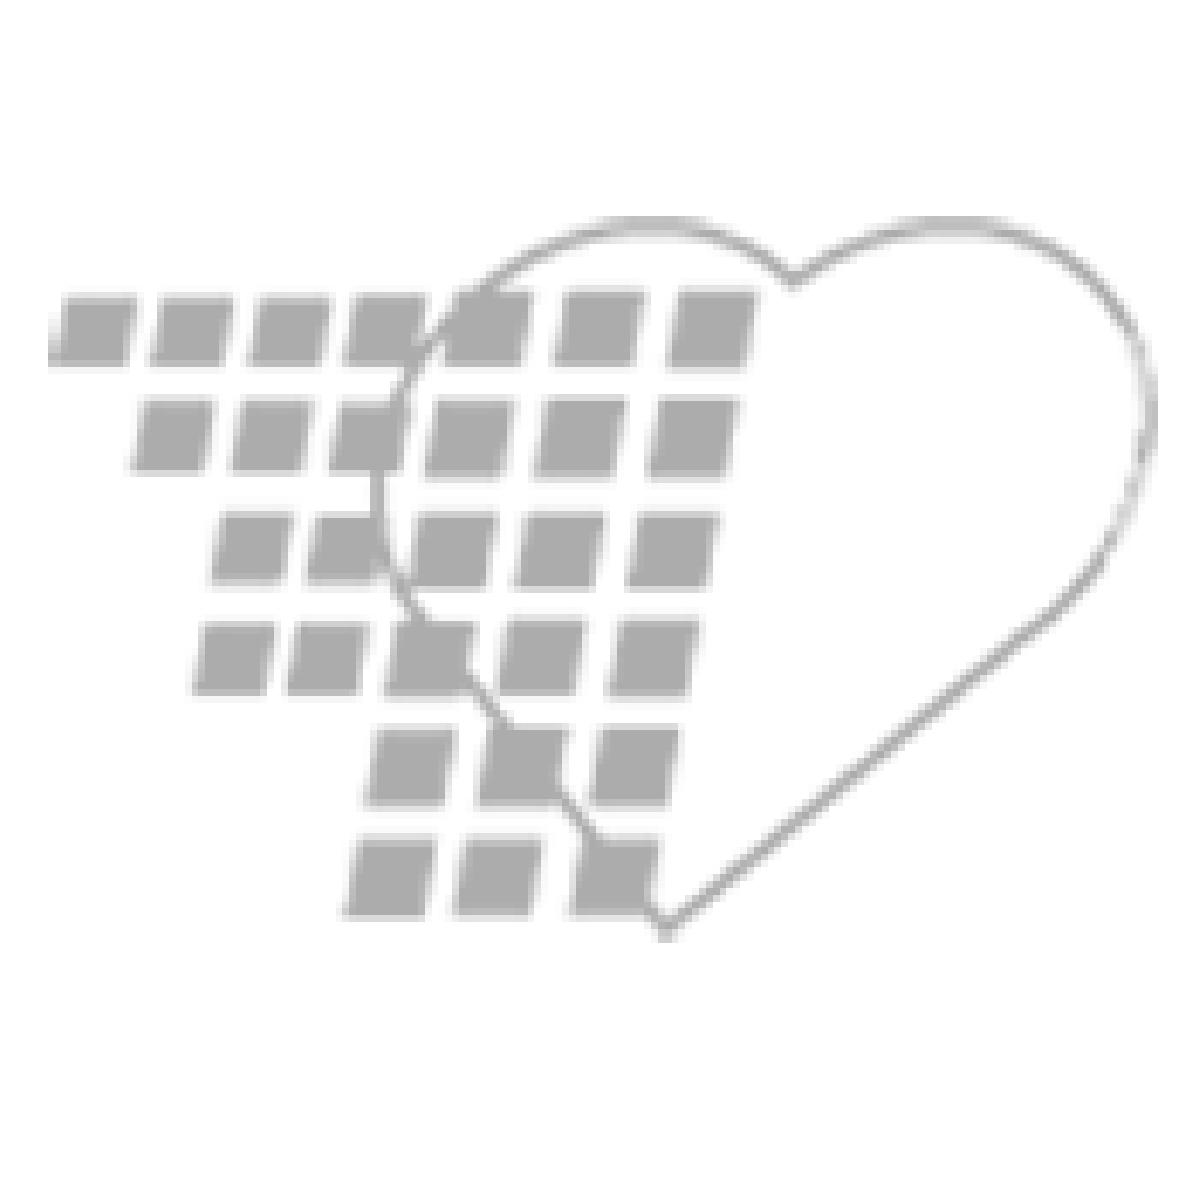 02-92-5248 Pocket Nurse® White Plastic Ruler